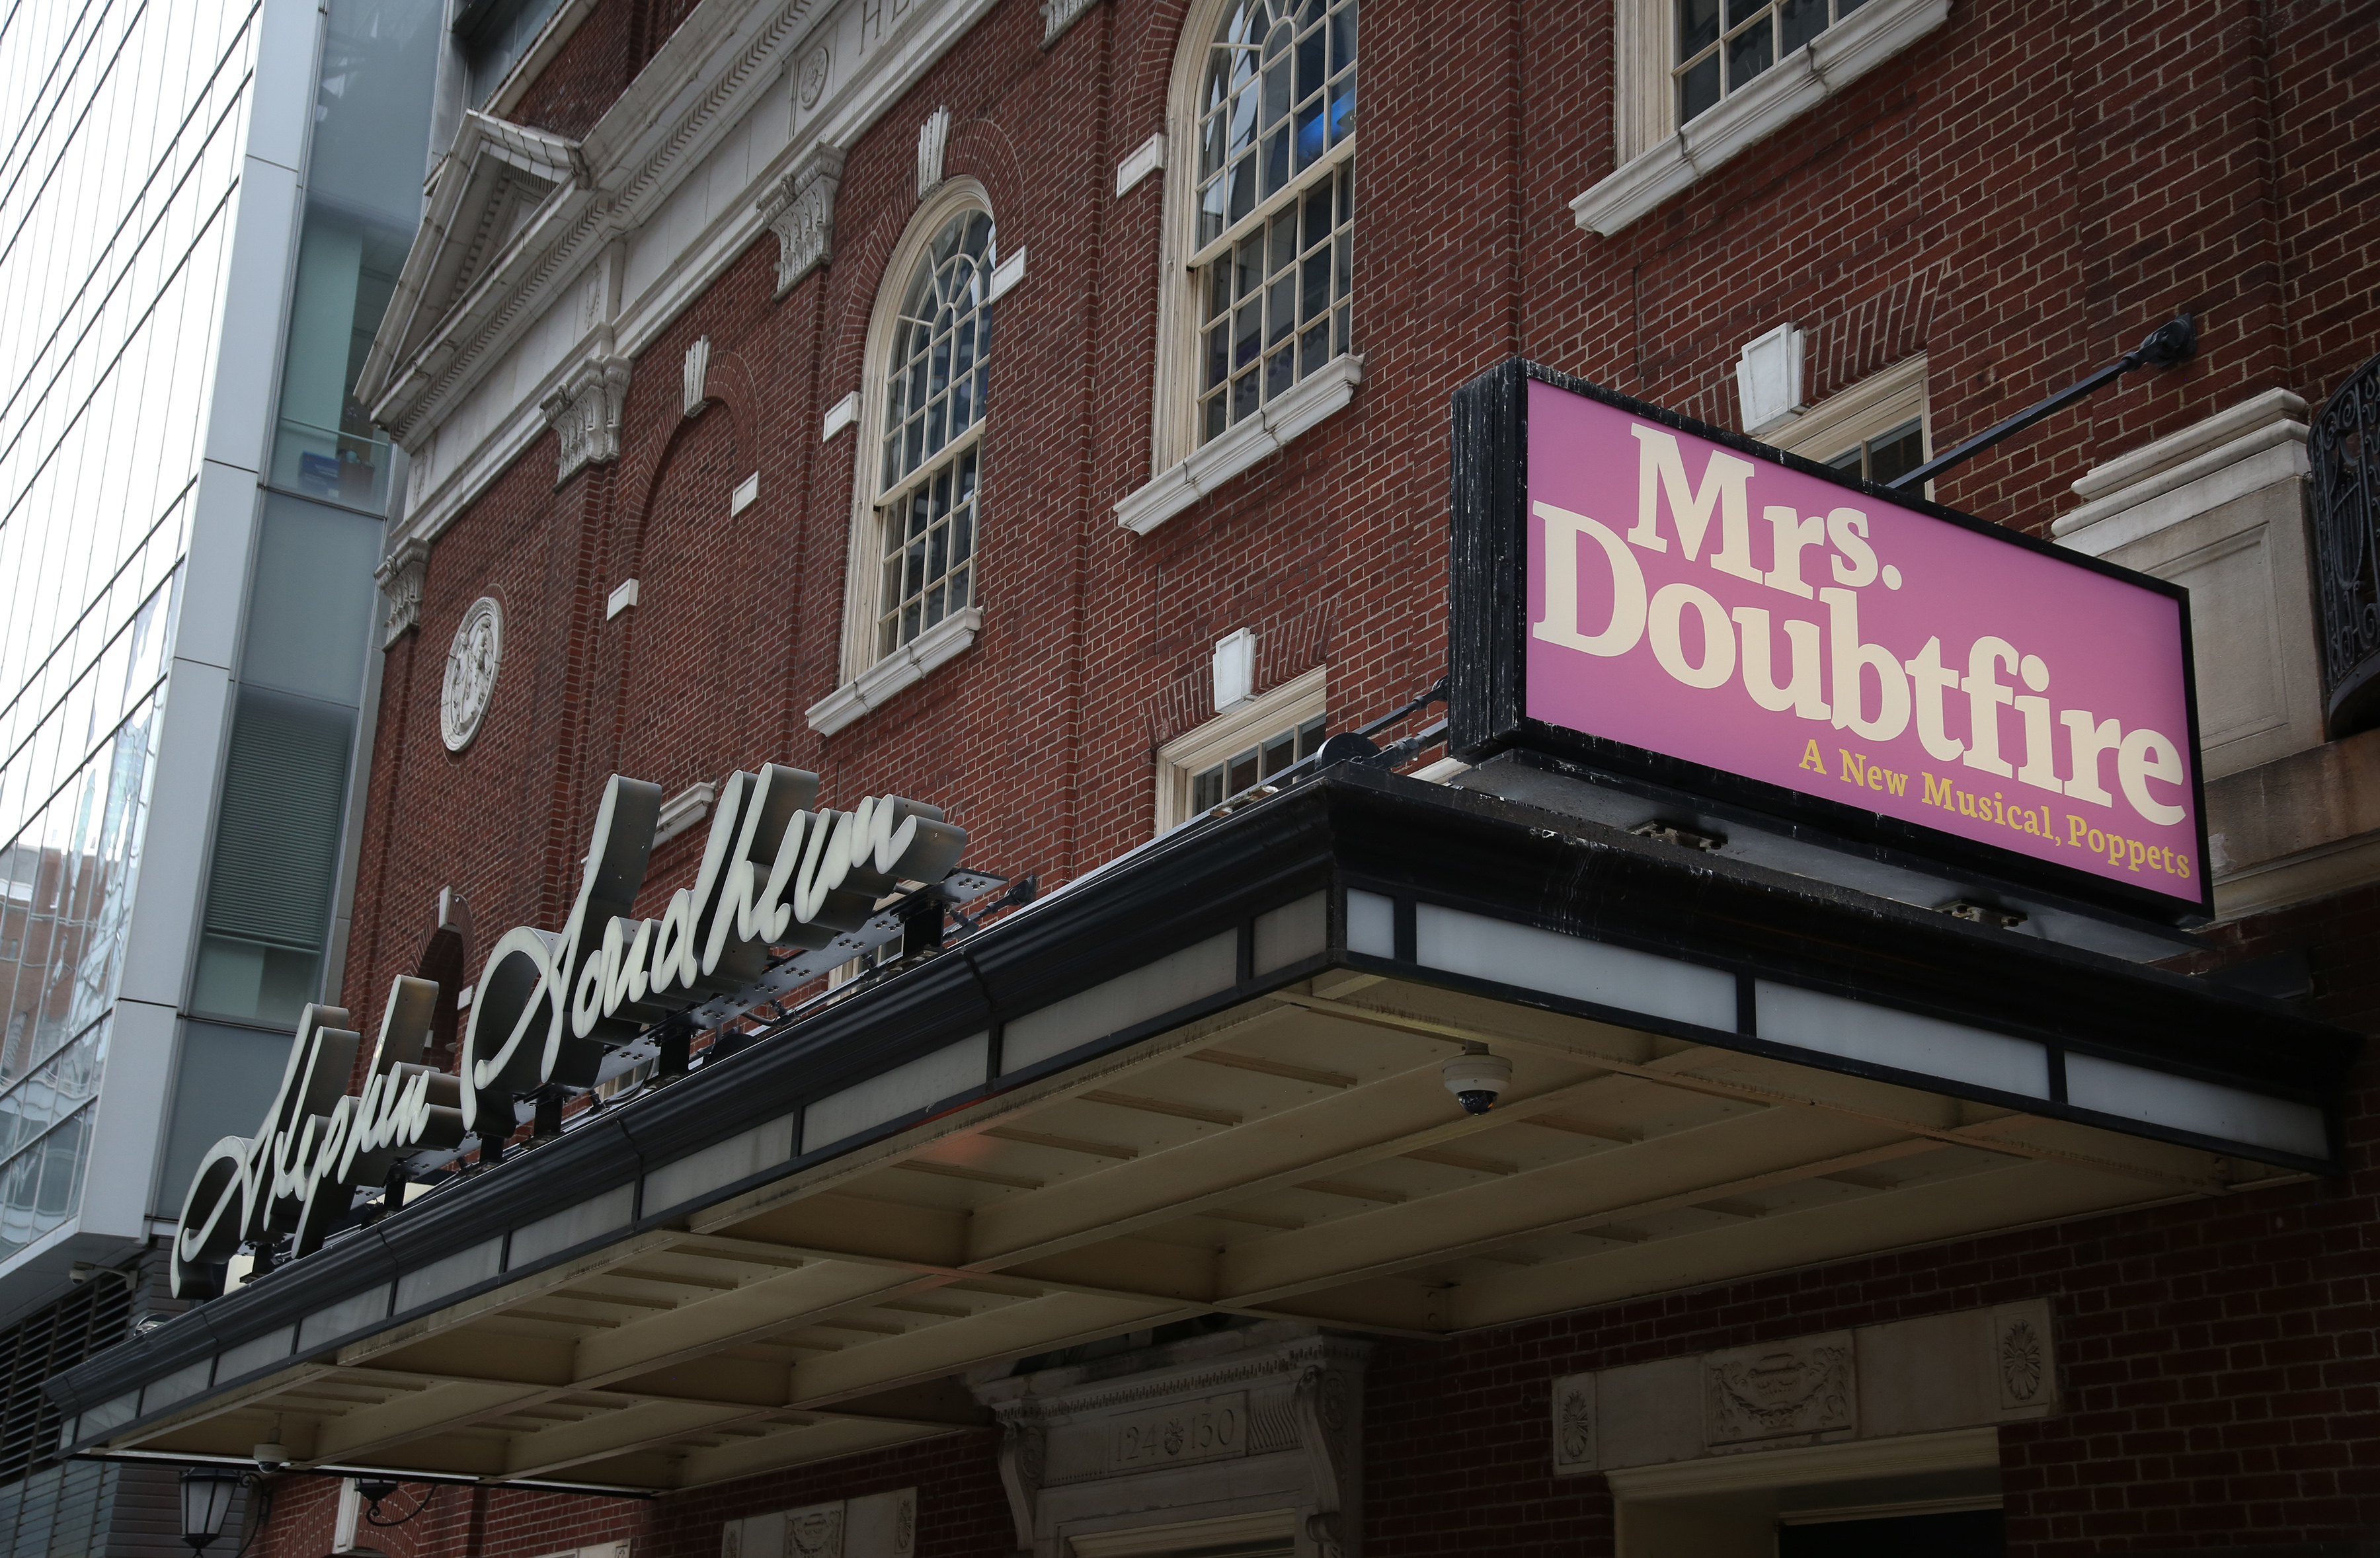 Stephen Sondheim Theatre (Broadway) - Theater Information Marquee